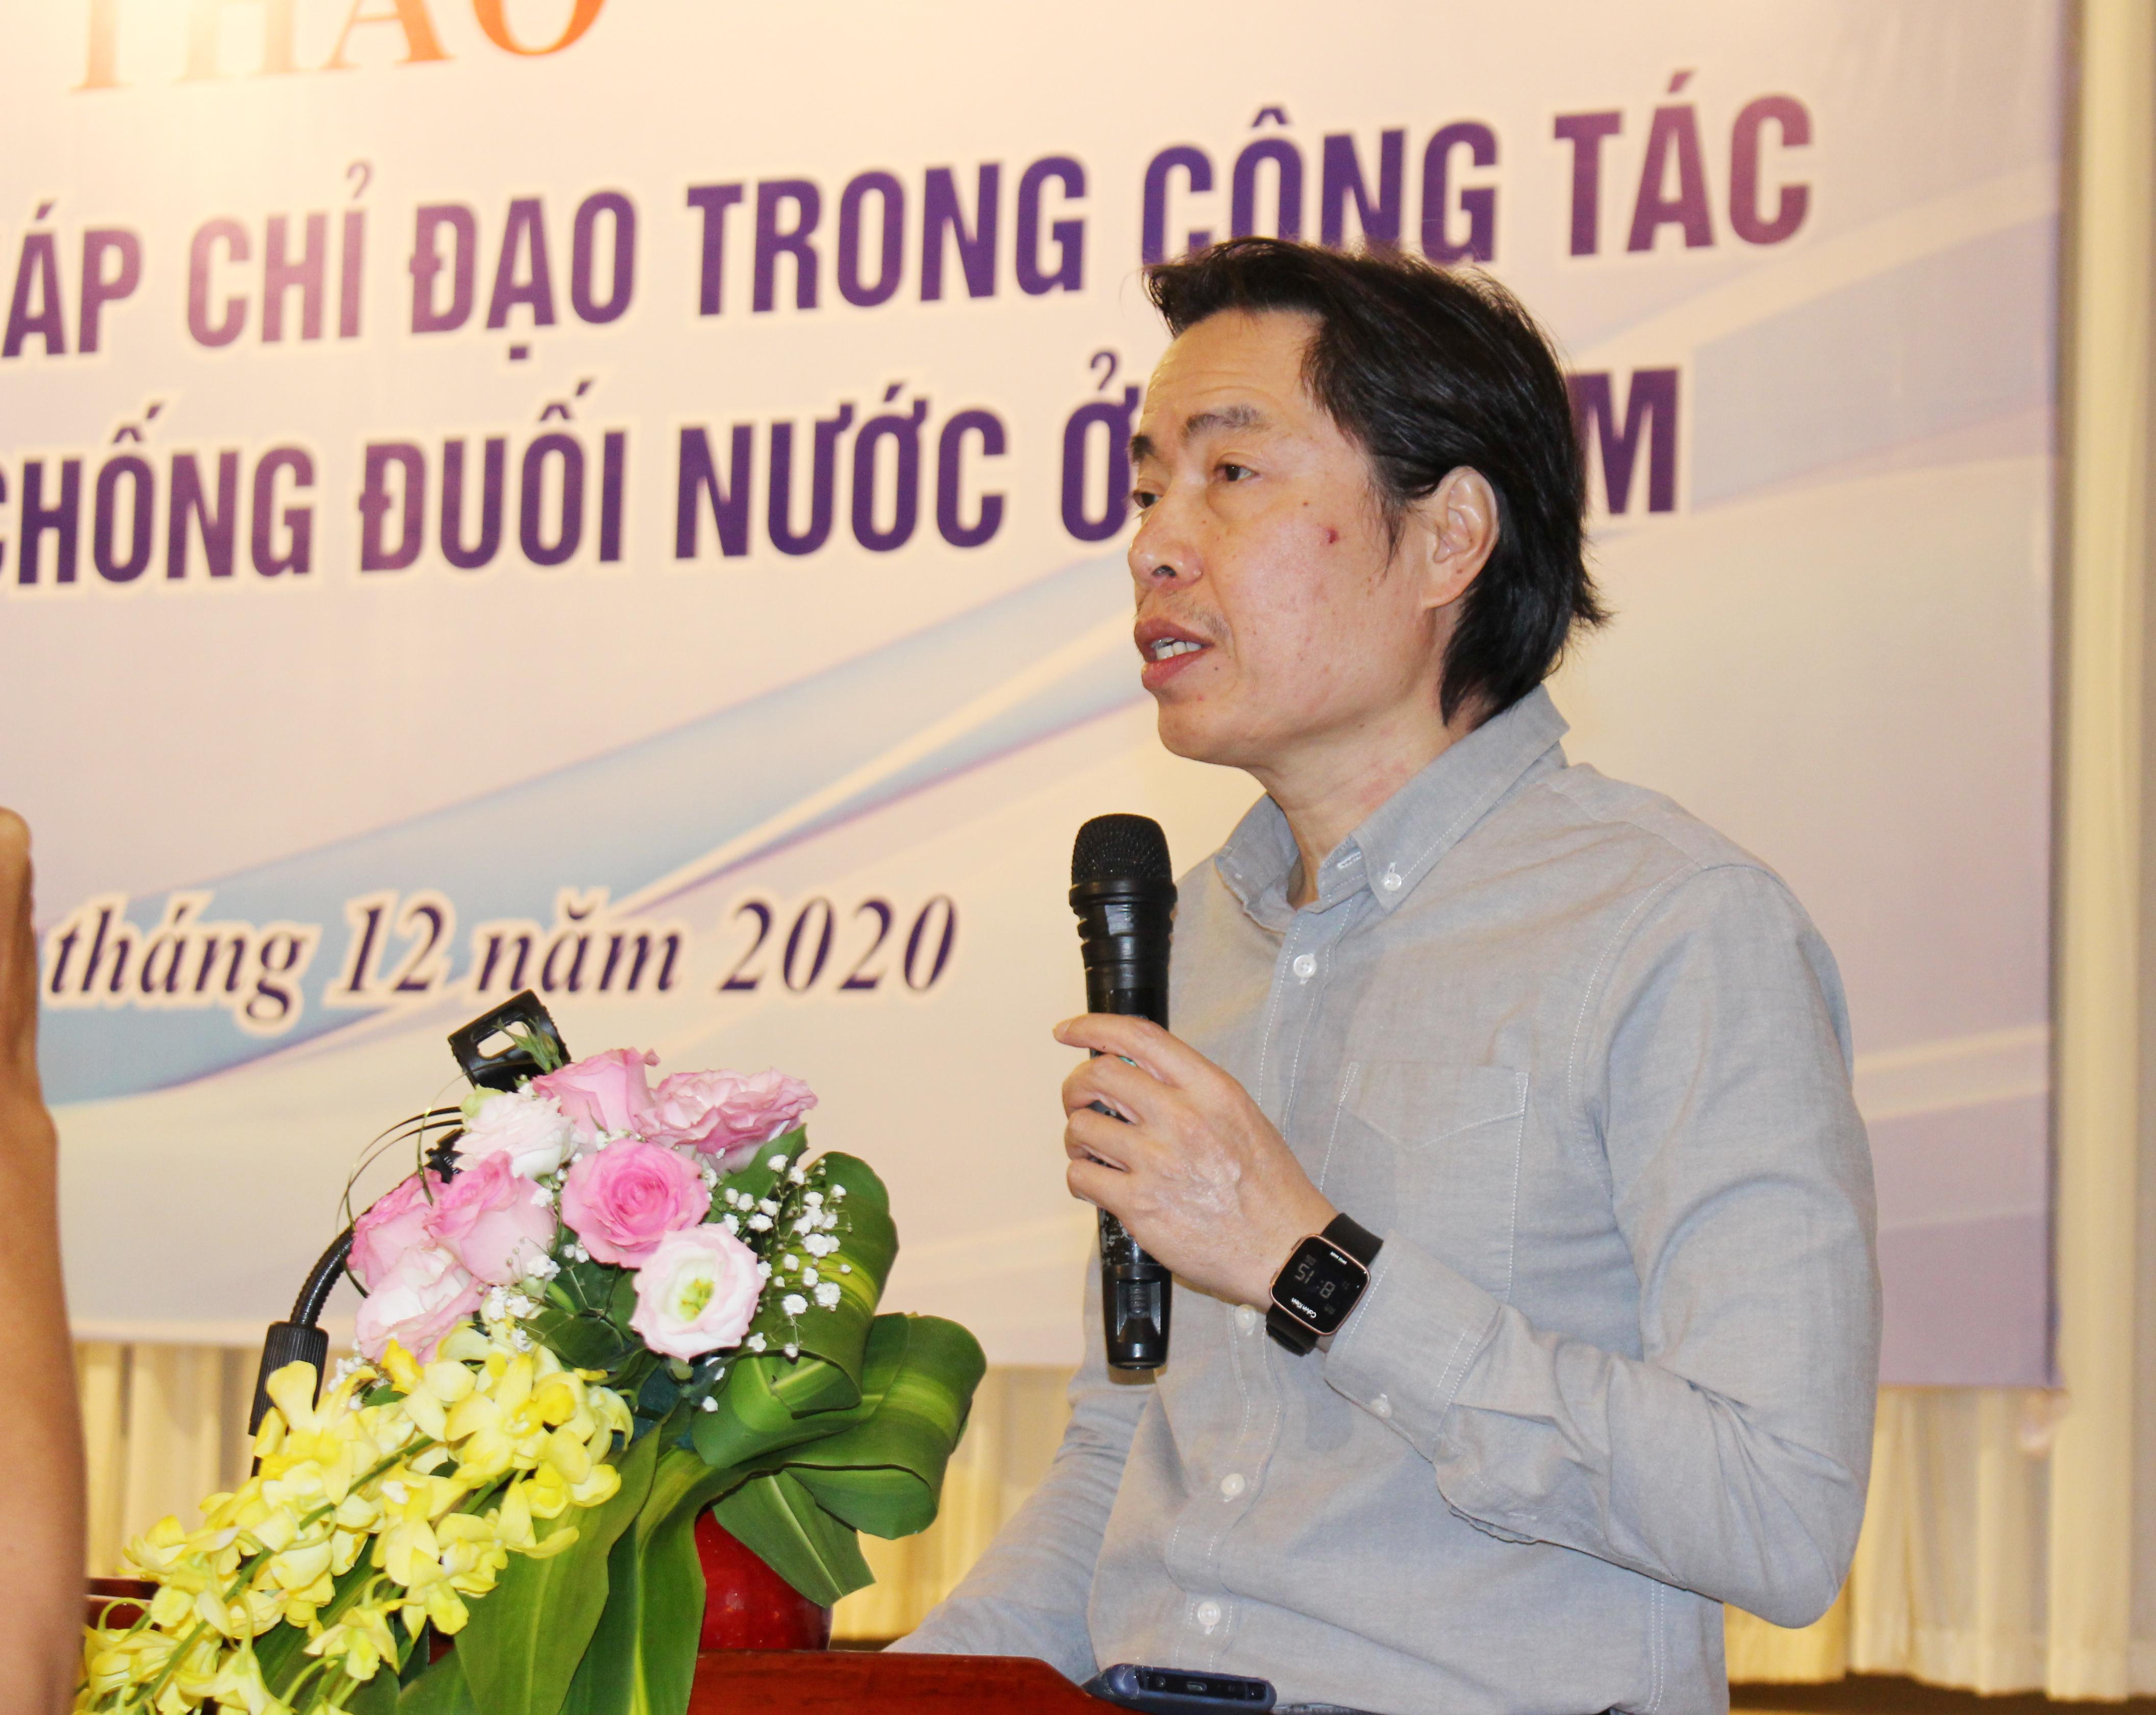 Ông Đặng Hoa Nam, Cục trưởng Cục Trẻ em Bộ LĐTB&XH phát biểu tại Hội thảo.